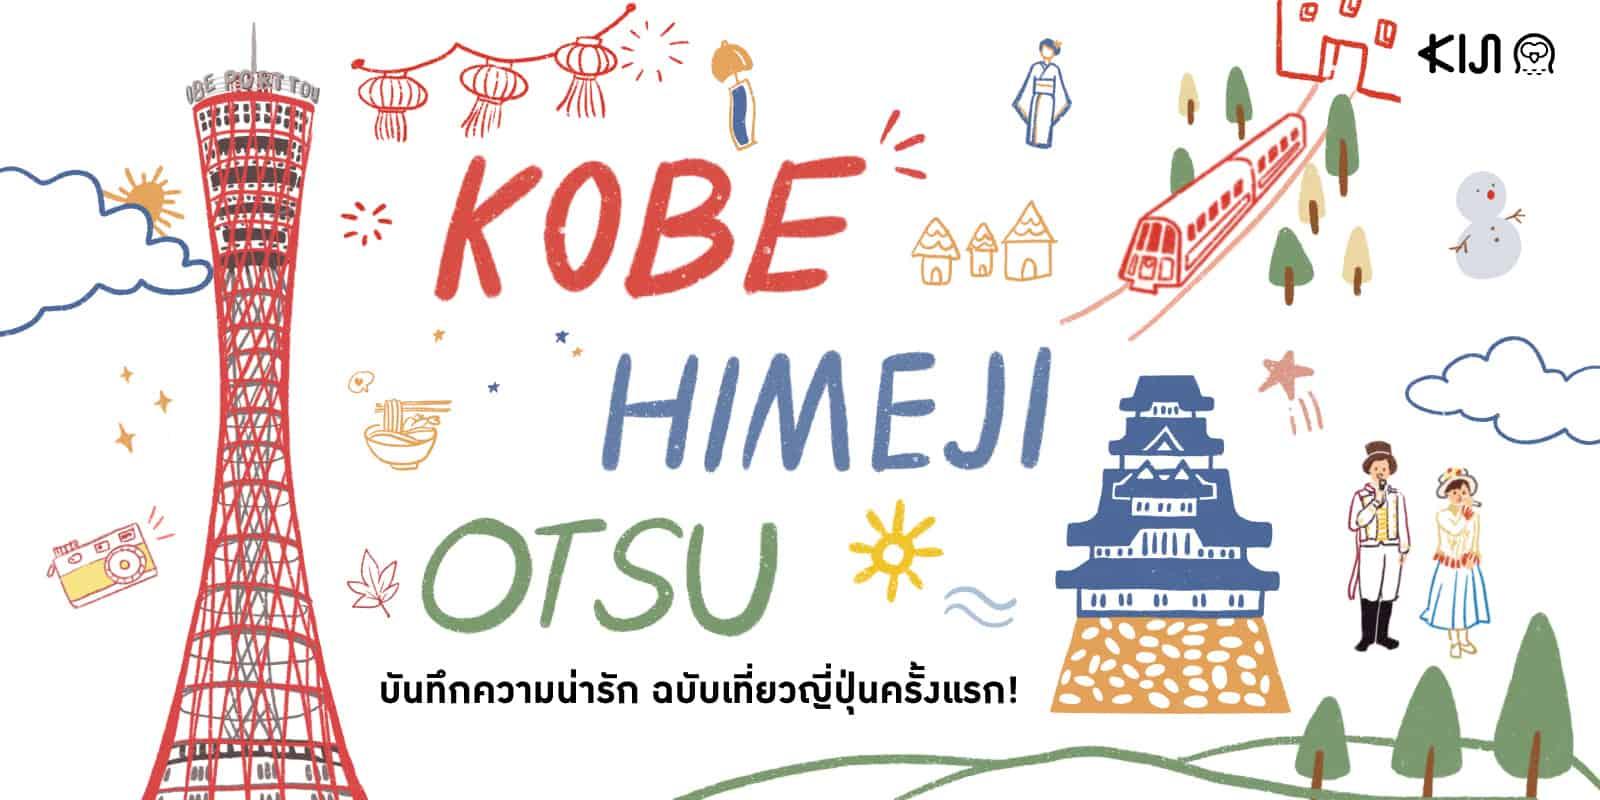 เที่ยว โกเบ(Kobe) ฮิเมจิ (Himeji) โอตสึ (Otsu)